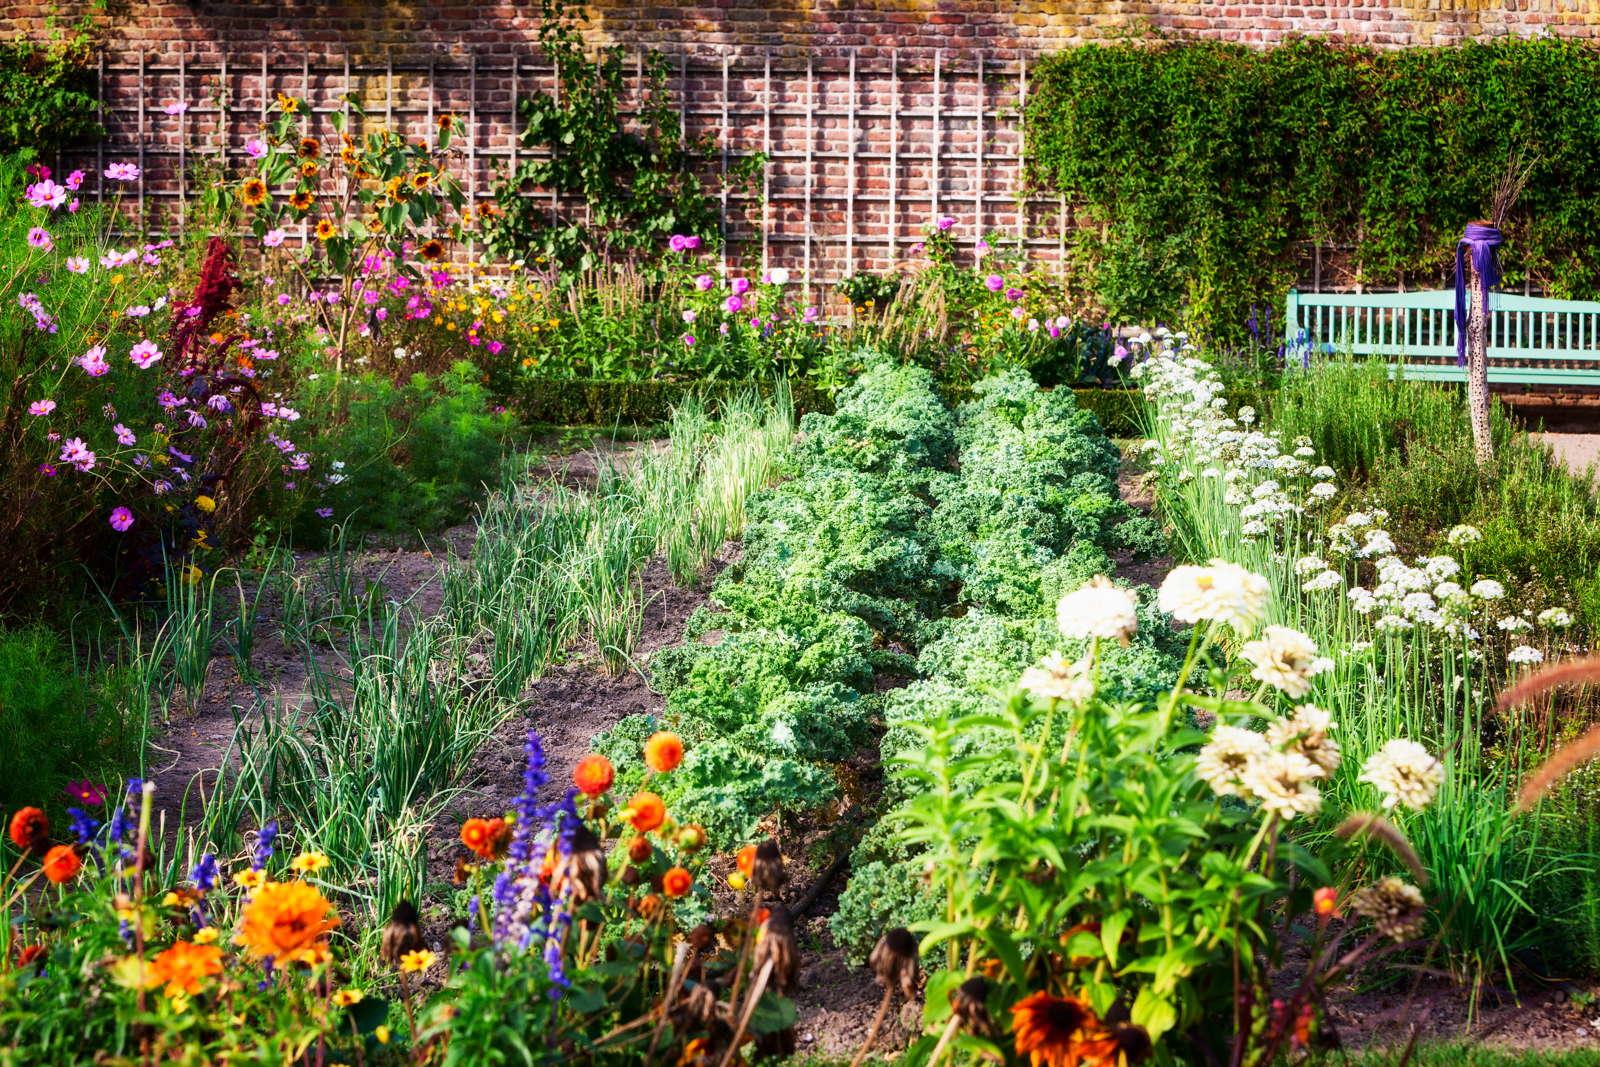 Mischkultur Welche Pflanzen Passen Ideal Zusammen Plantura